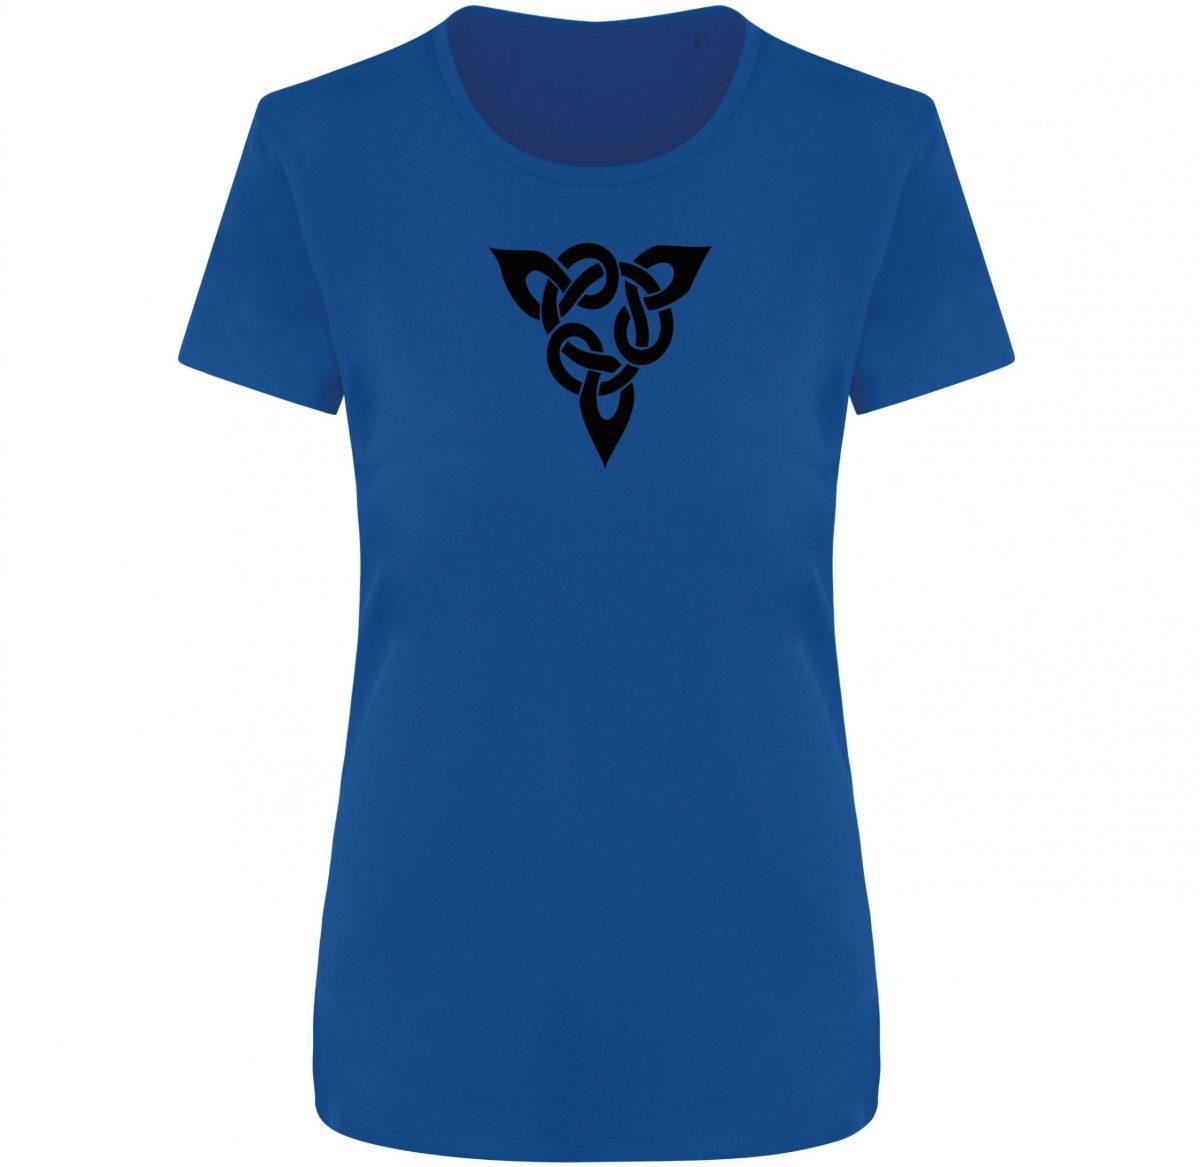 Tee-Shirt Femme Performance – Symbole Celtique